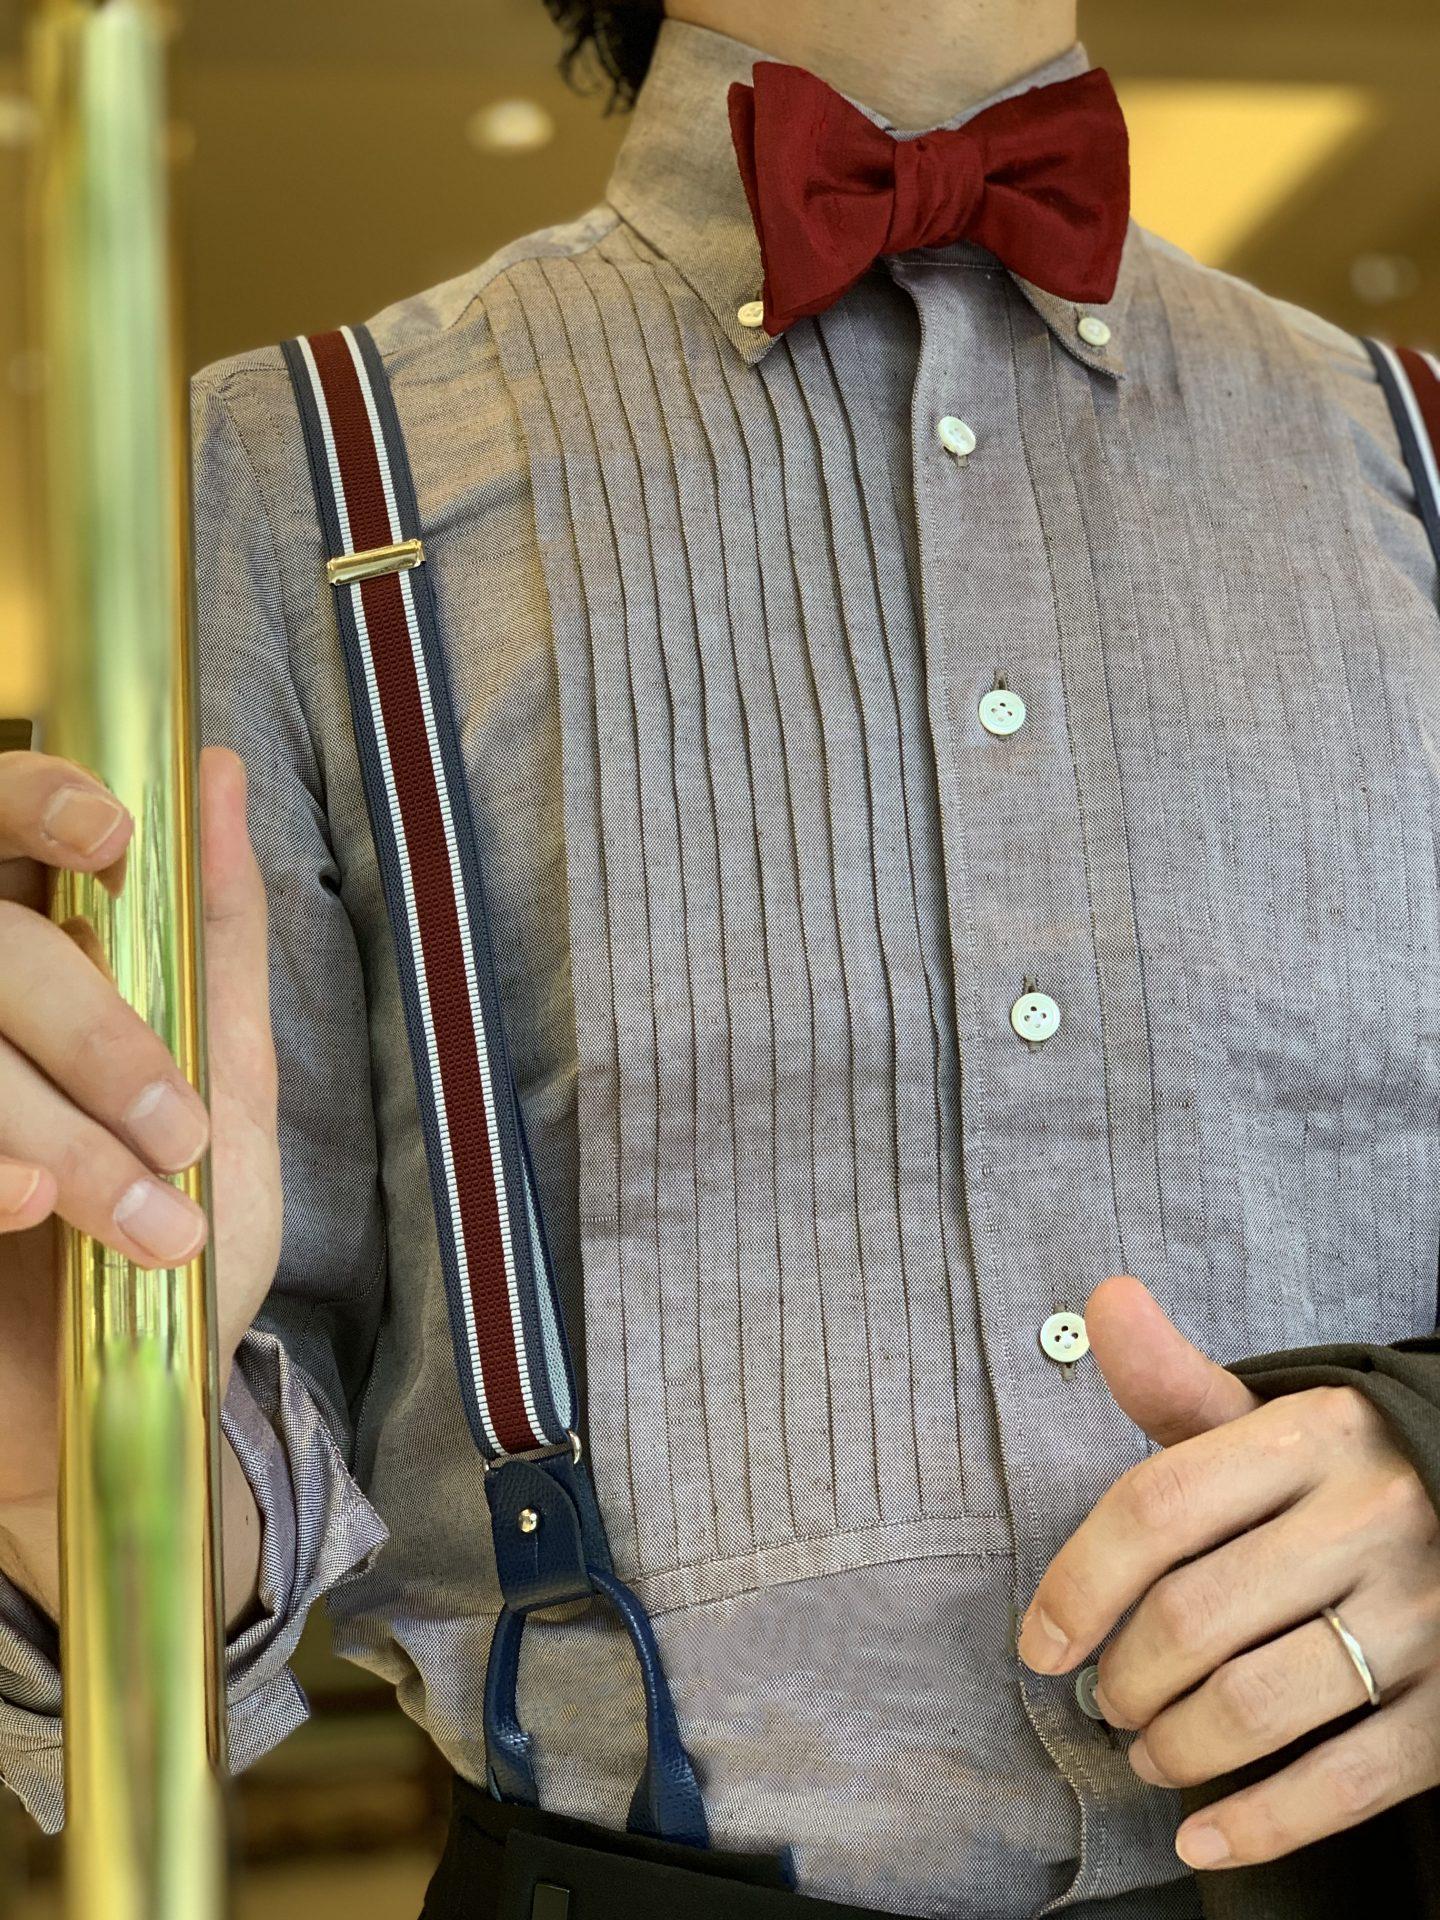 ザ・トリートドレッシング大阪店にあるプリーツシャツやサスペンダーを合わせたファッショナブルなお色直しコーディネート